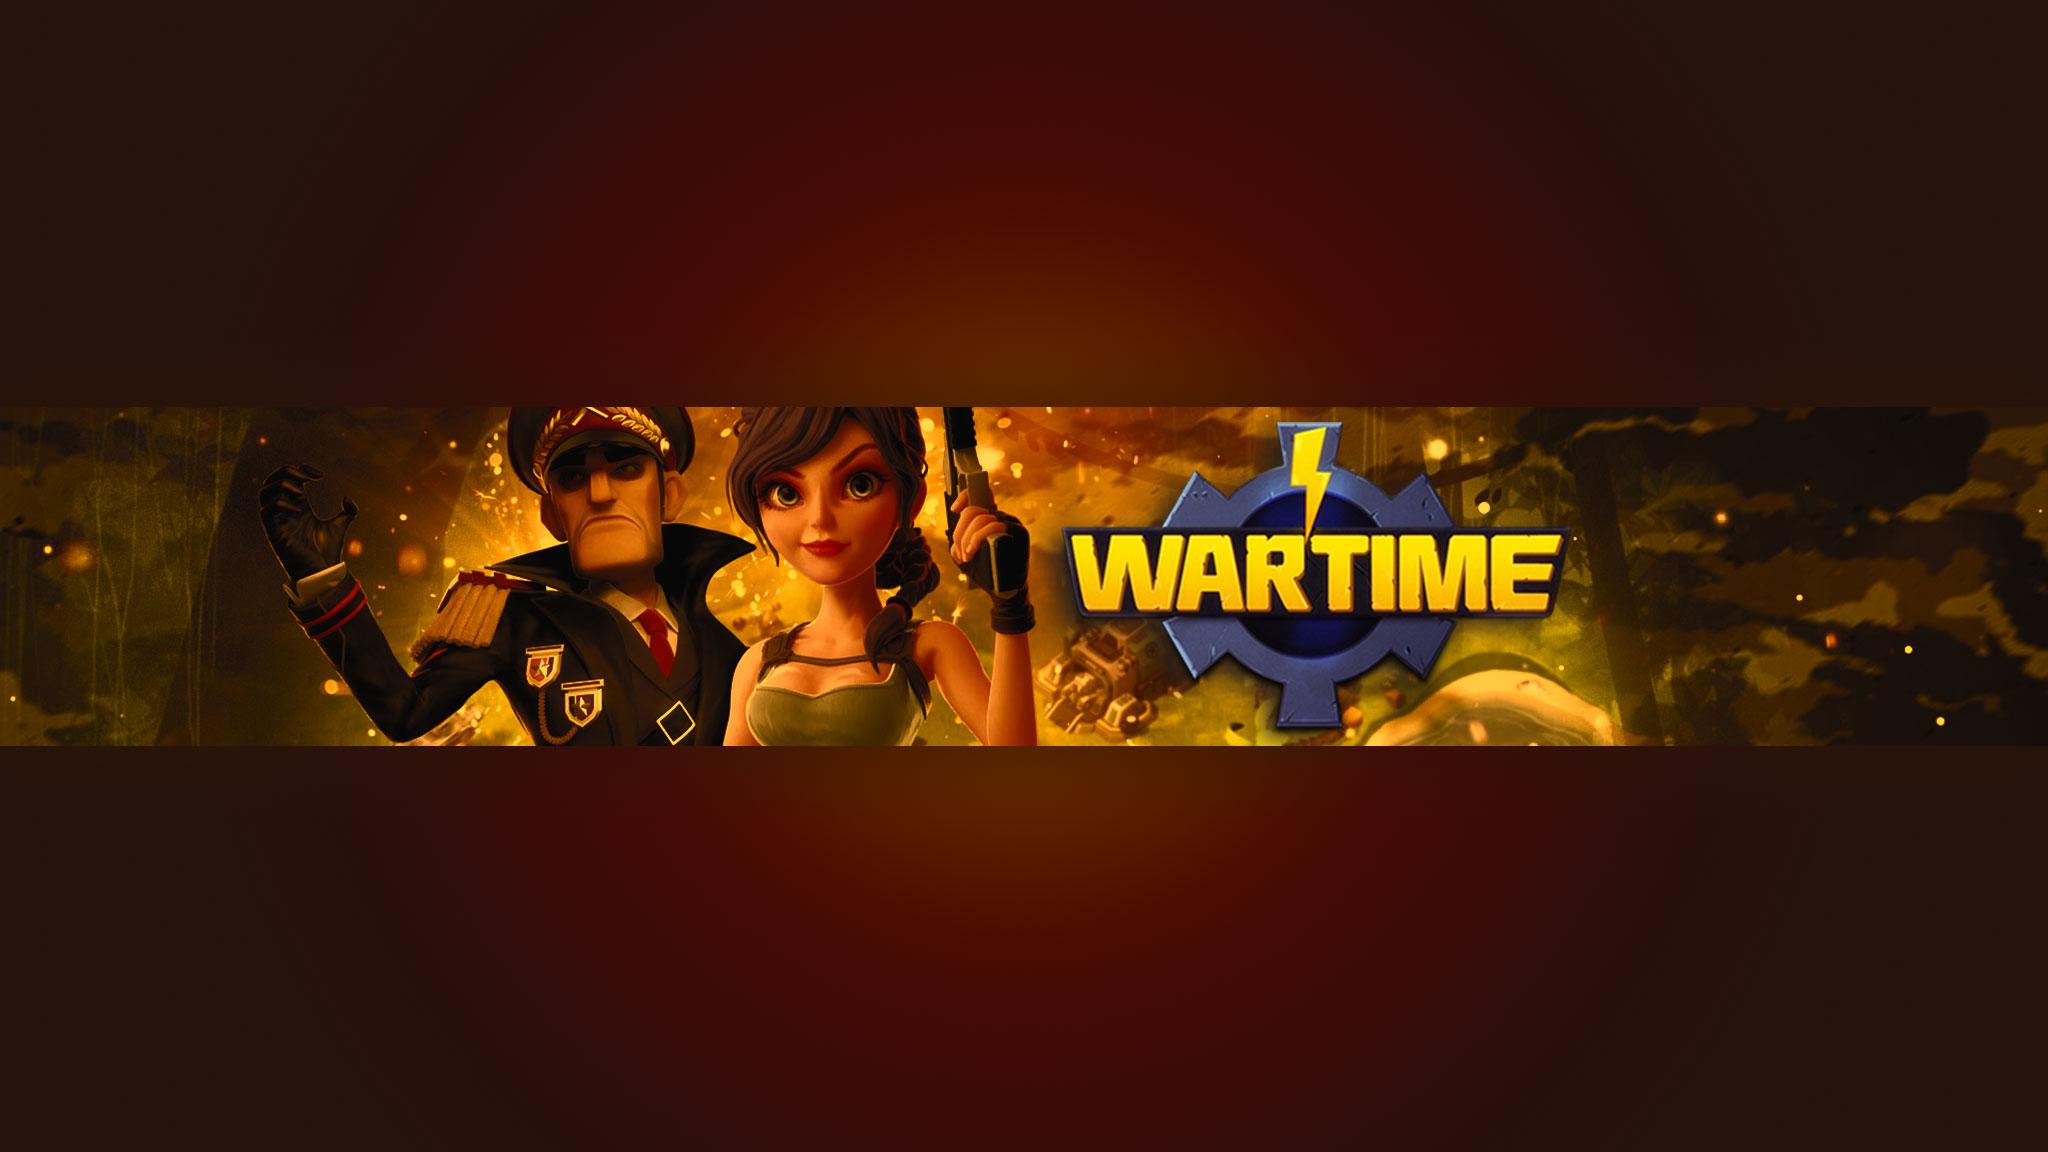 Картинка с текстом - шапка для игрового канала YouTube Wartime с персонажами игры на тёмно - бордовом фоне с жёлтым свечением.